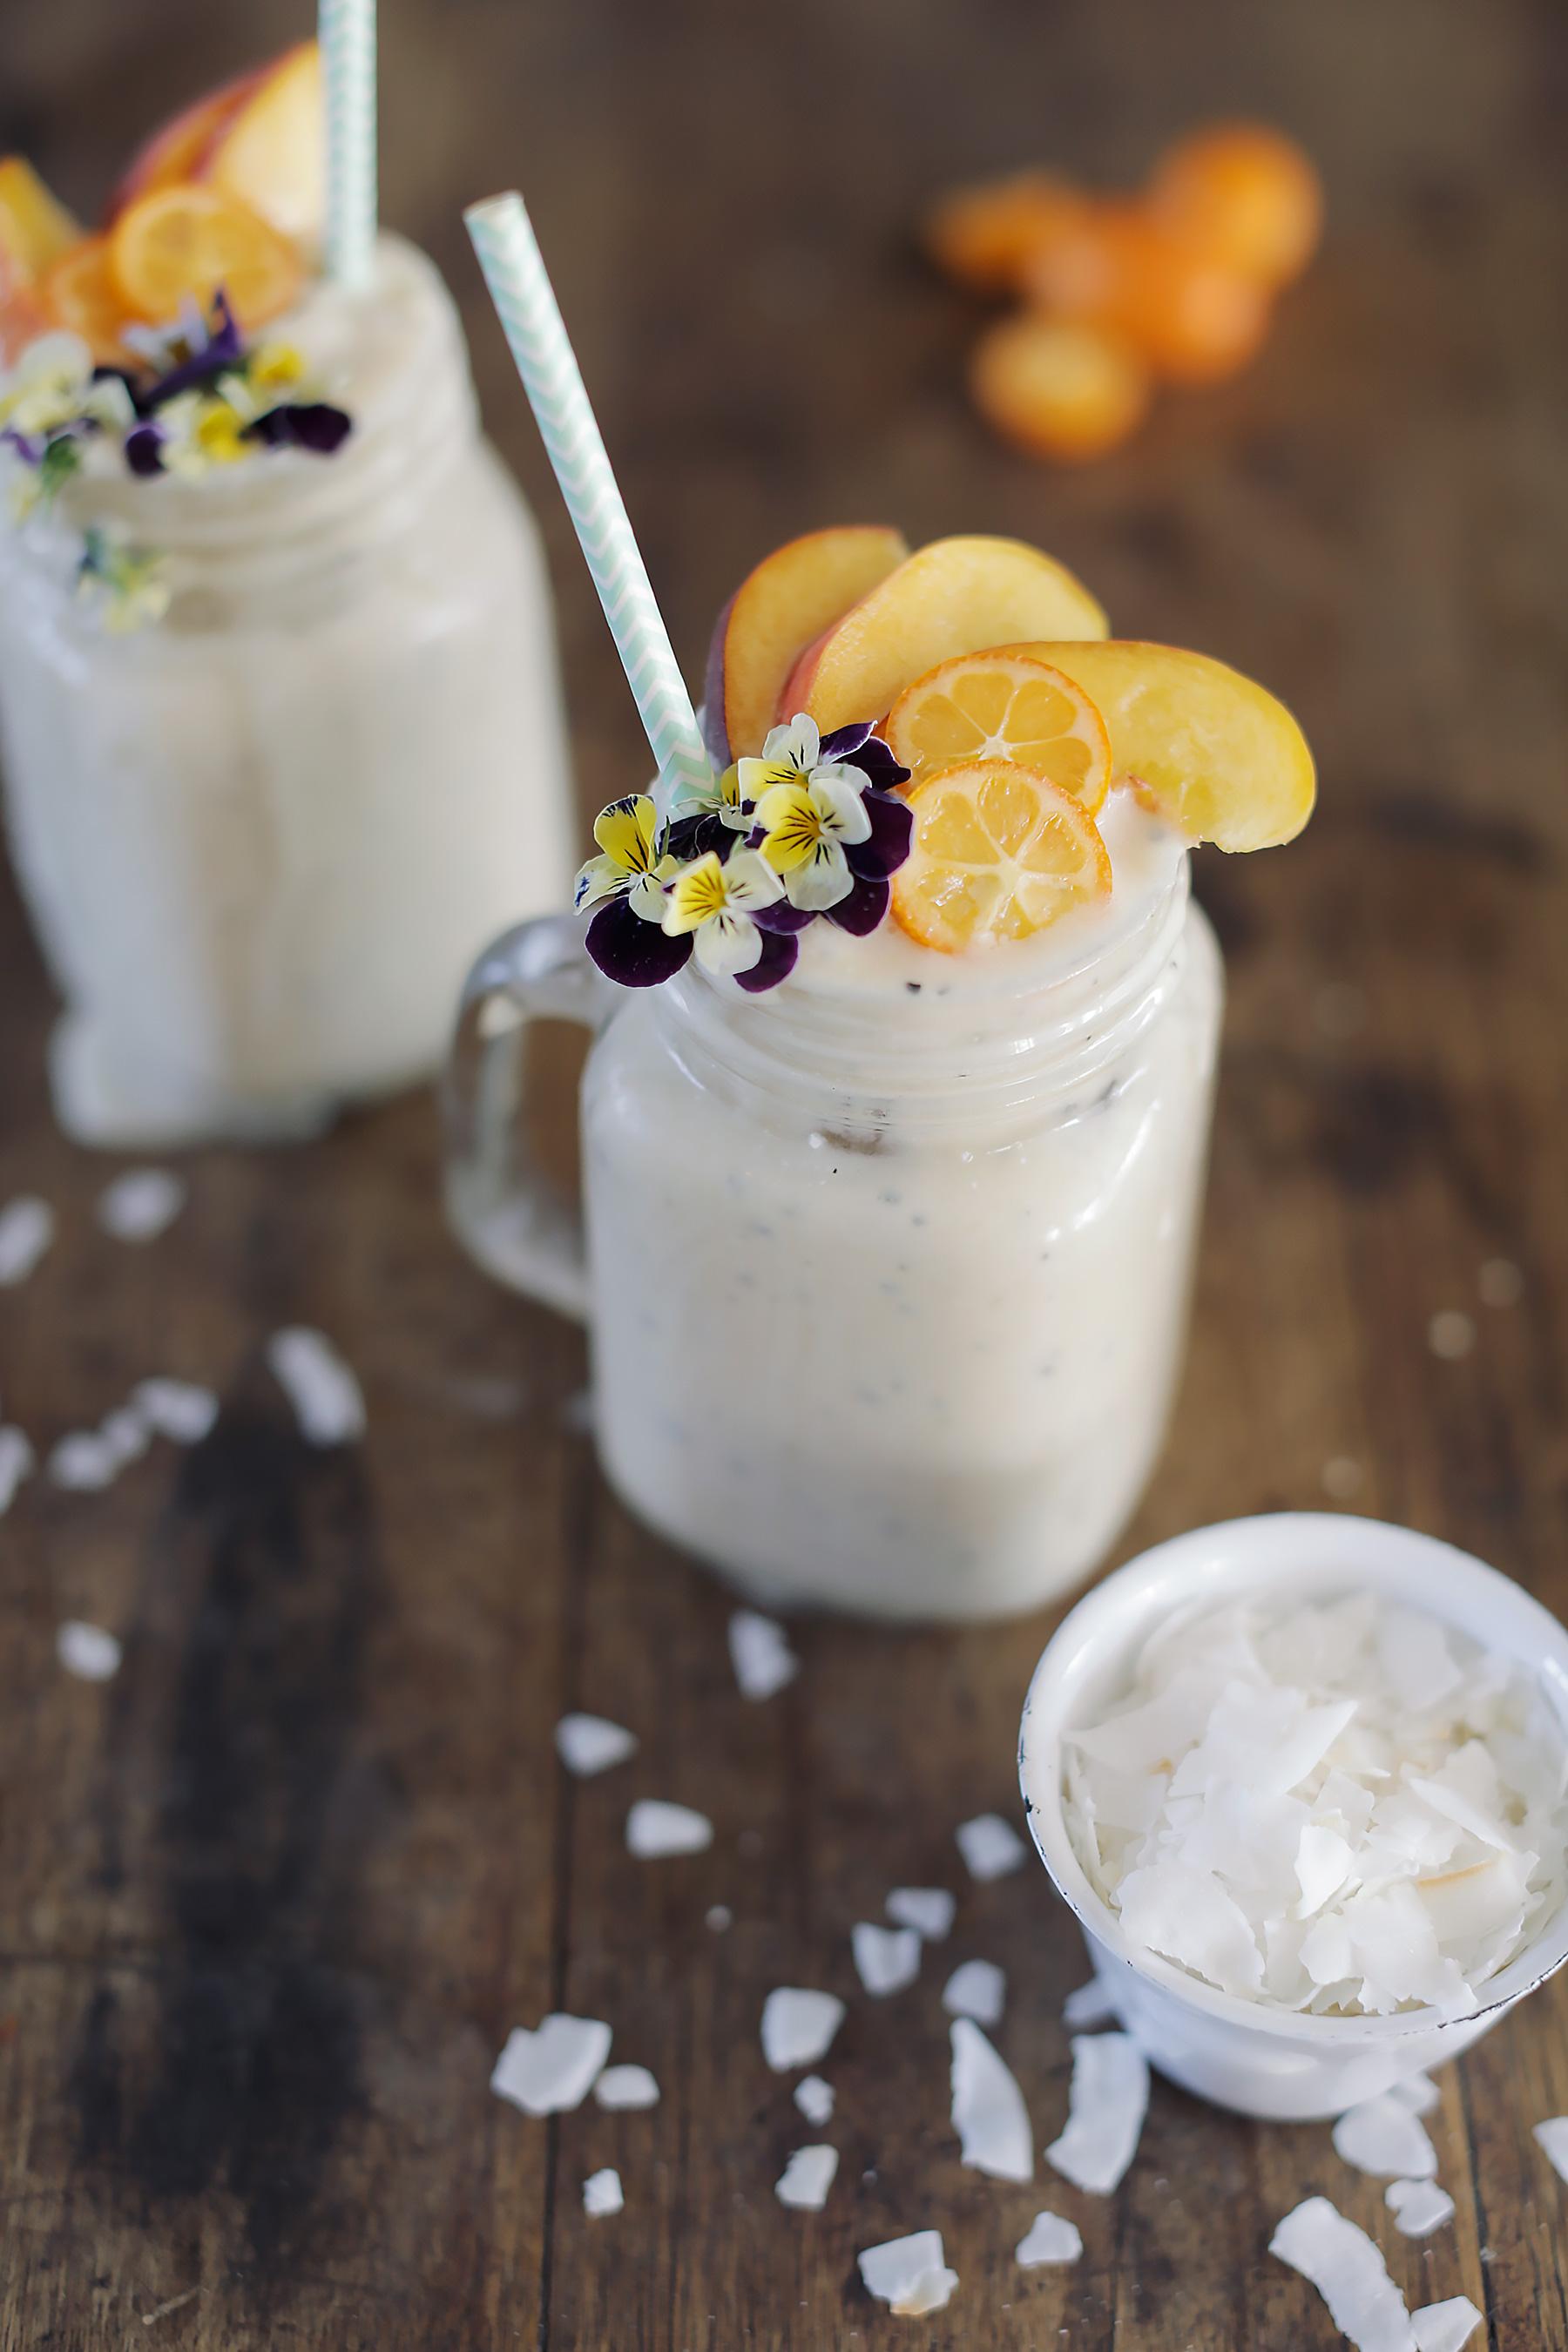 Coconut-Granadilla-and-Banana-smoothie